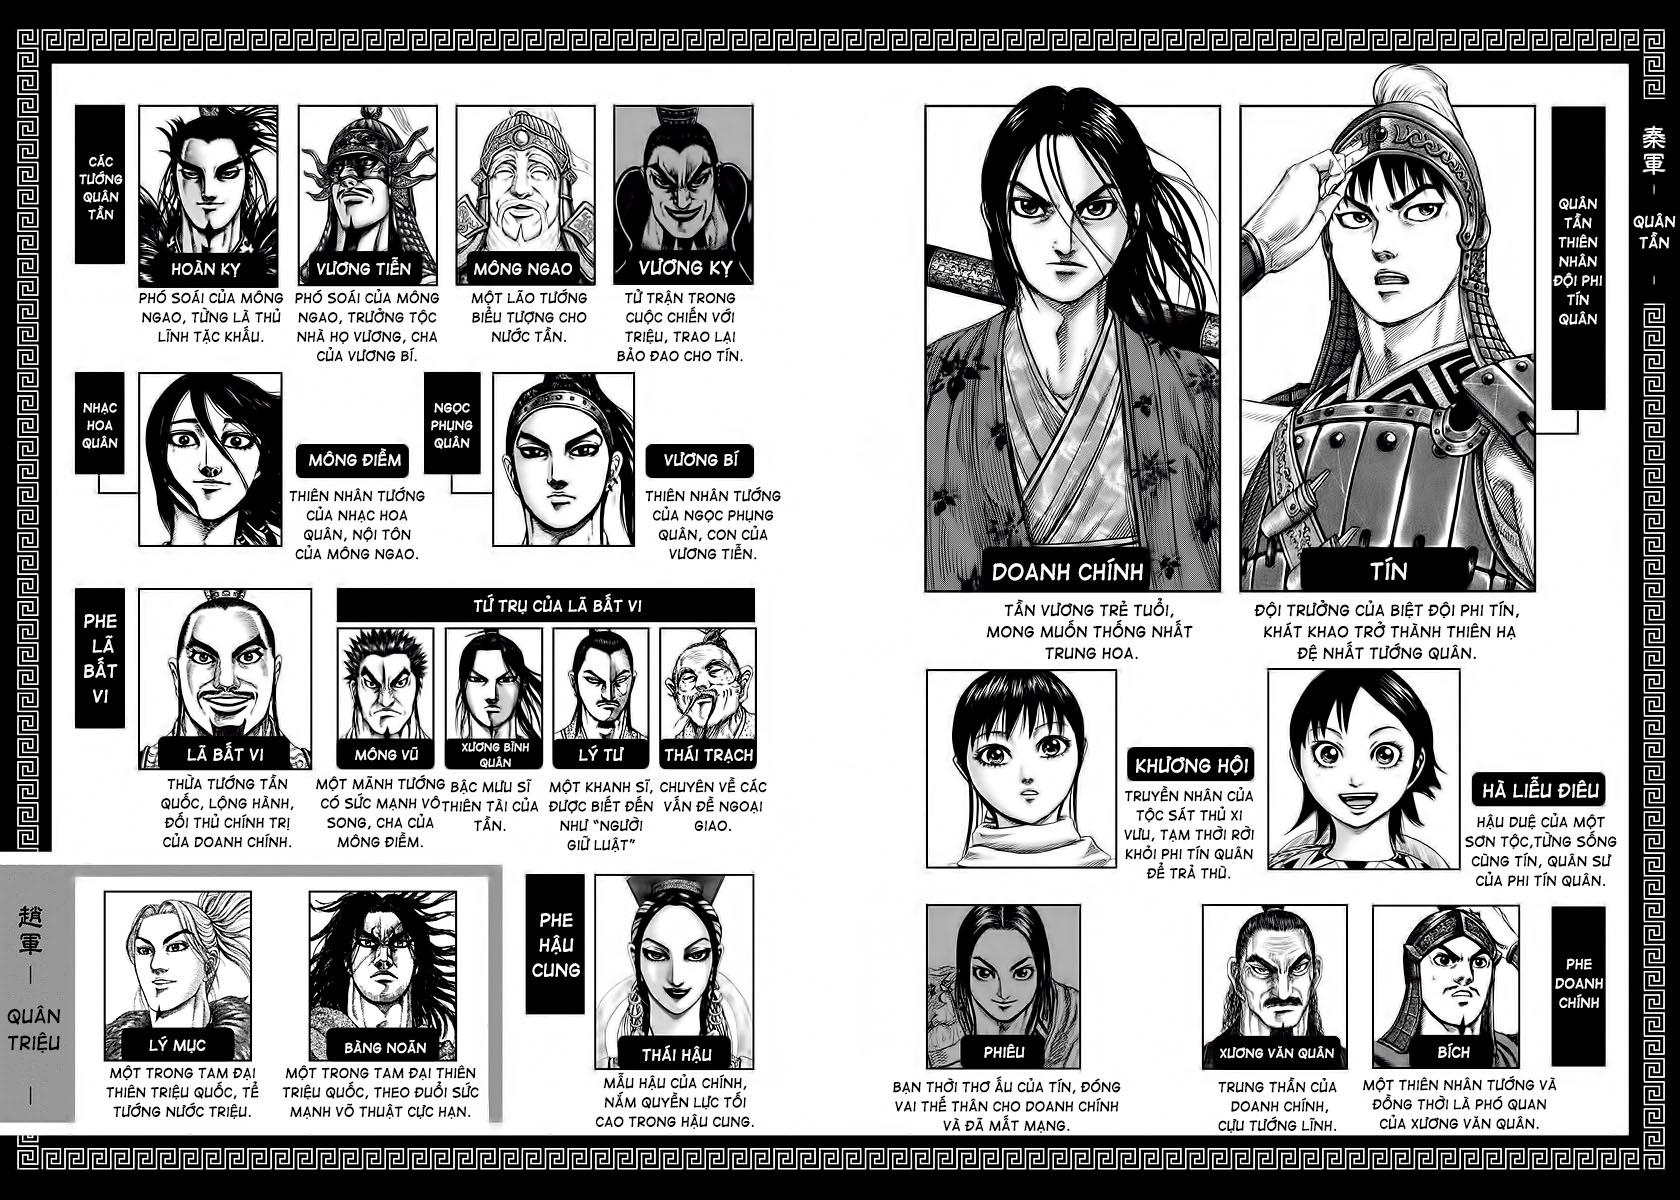 Kingdom - Vương Giả Thiên Hạ Chapter 251 page 5 - IZTruyenTranh.com